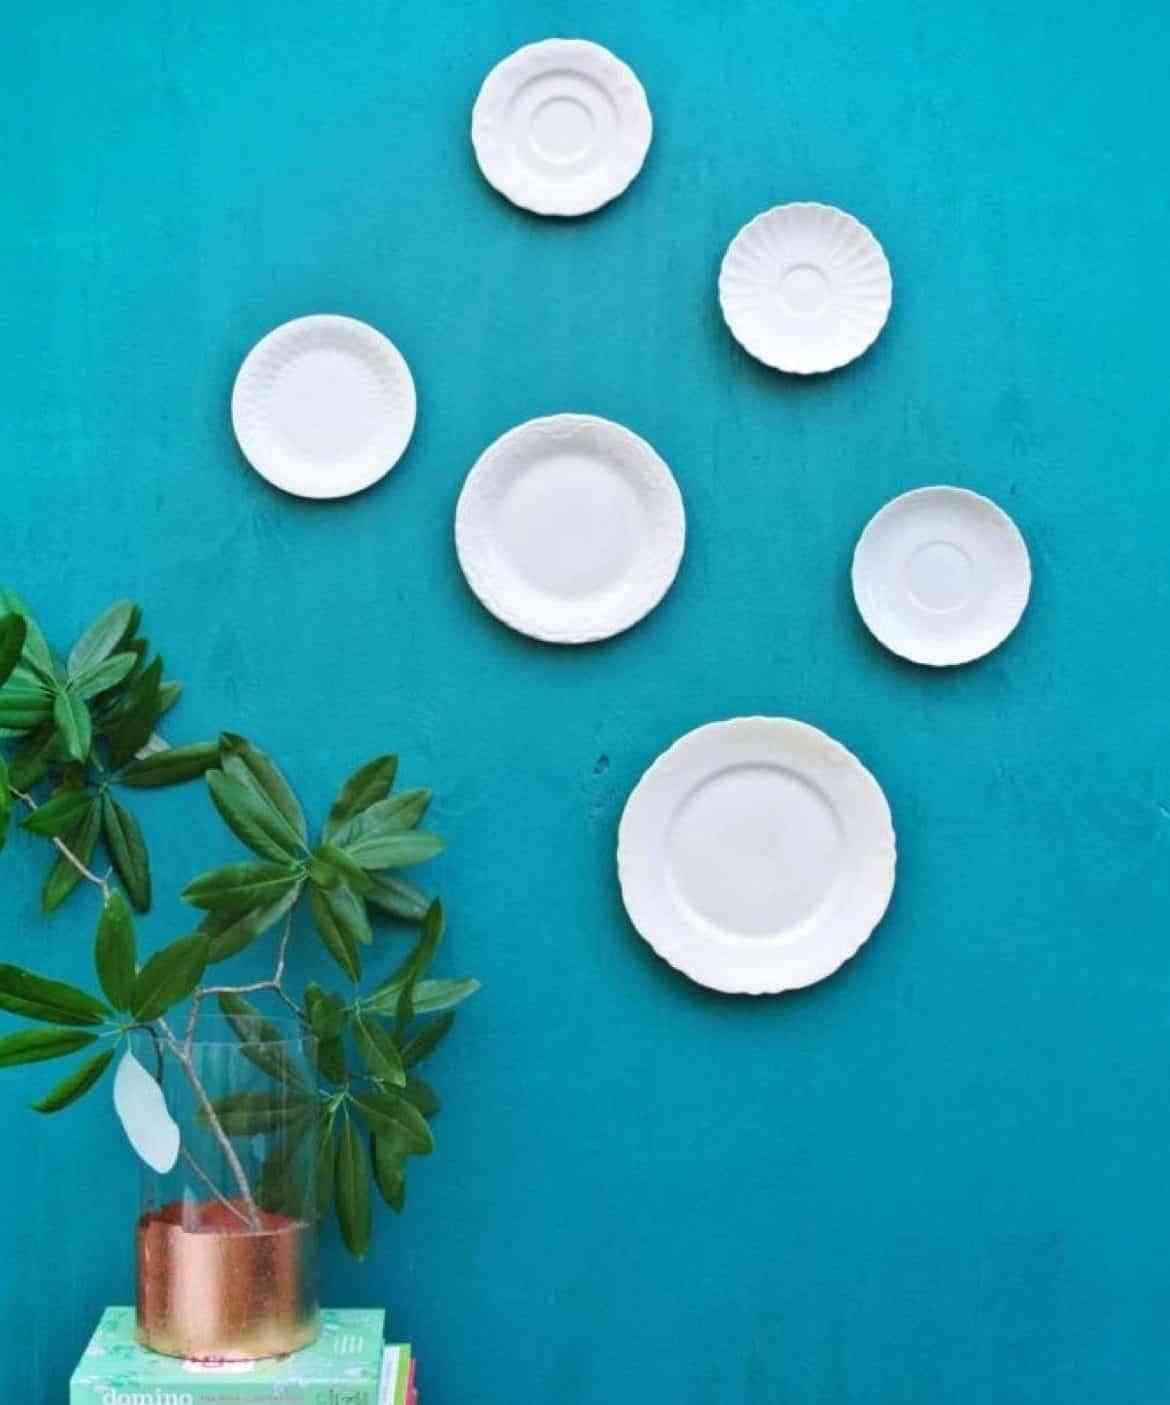 8 ideas para decorar con platos ¡desde la cocina hasta el jardín! 1